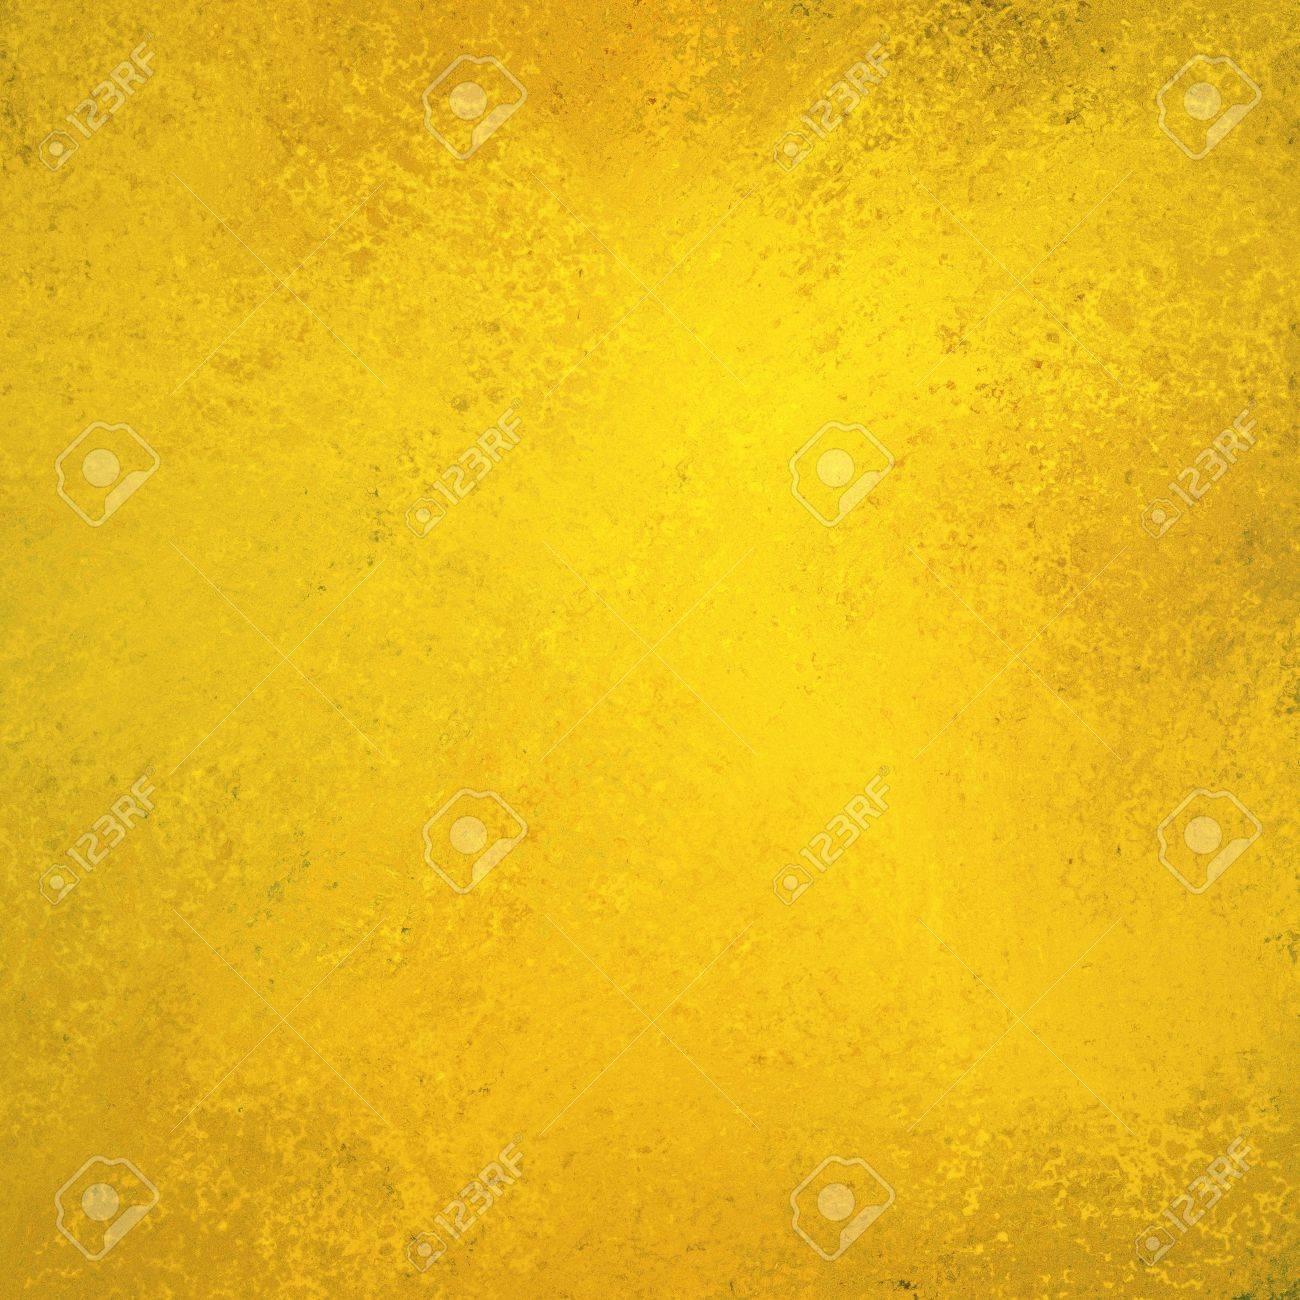 gold background image - 44900733